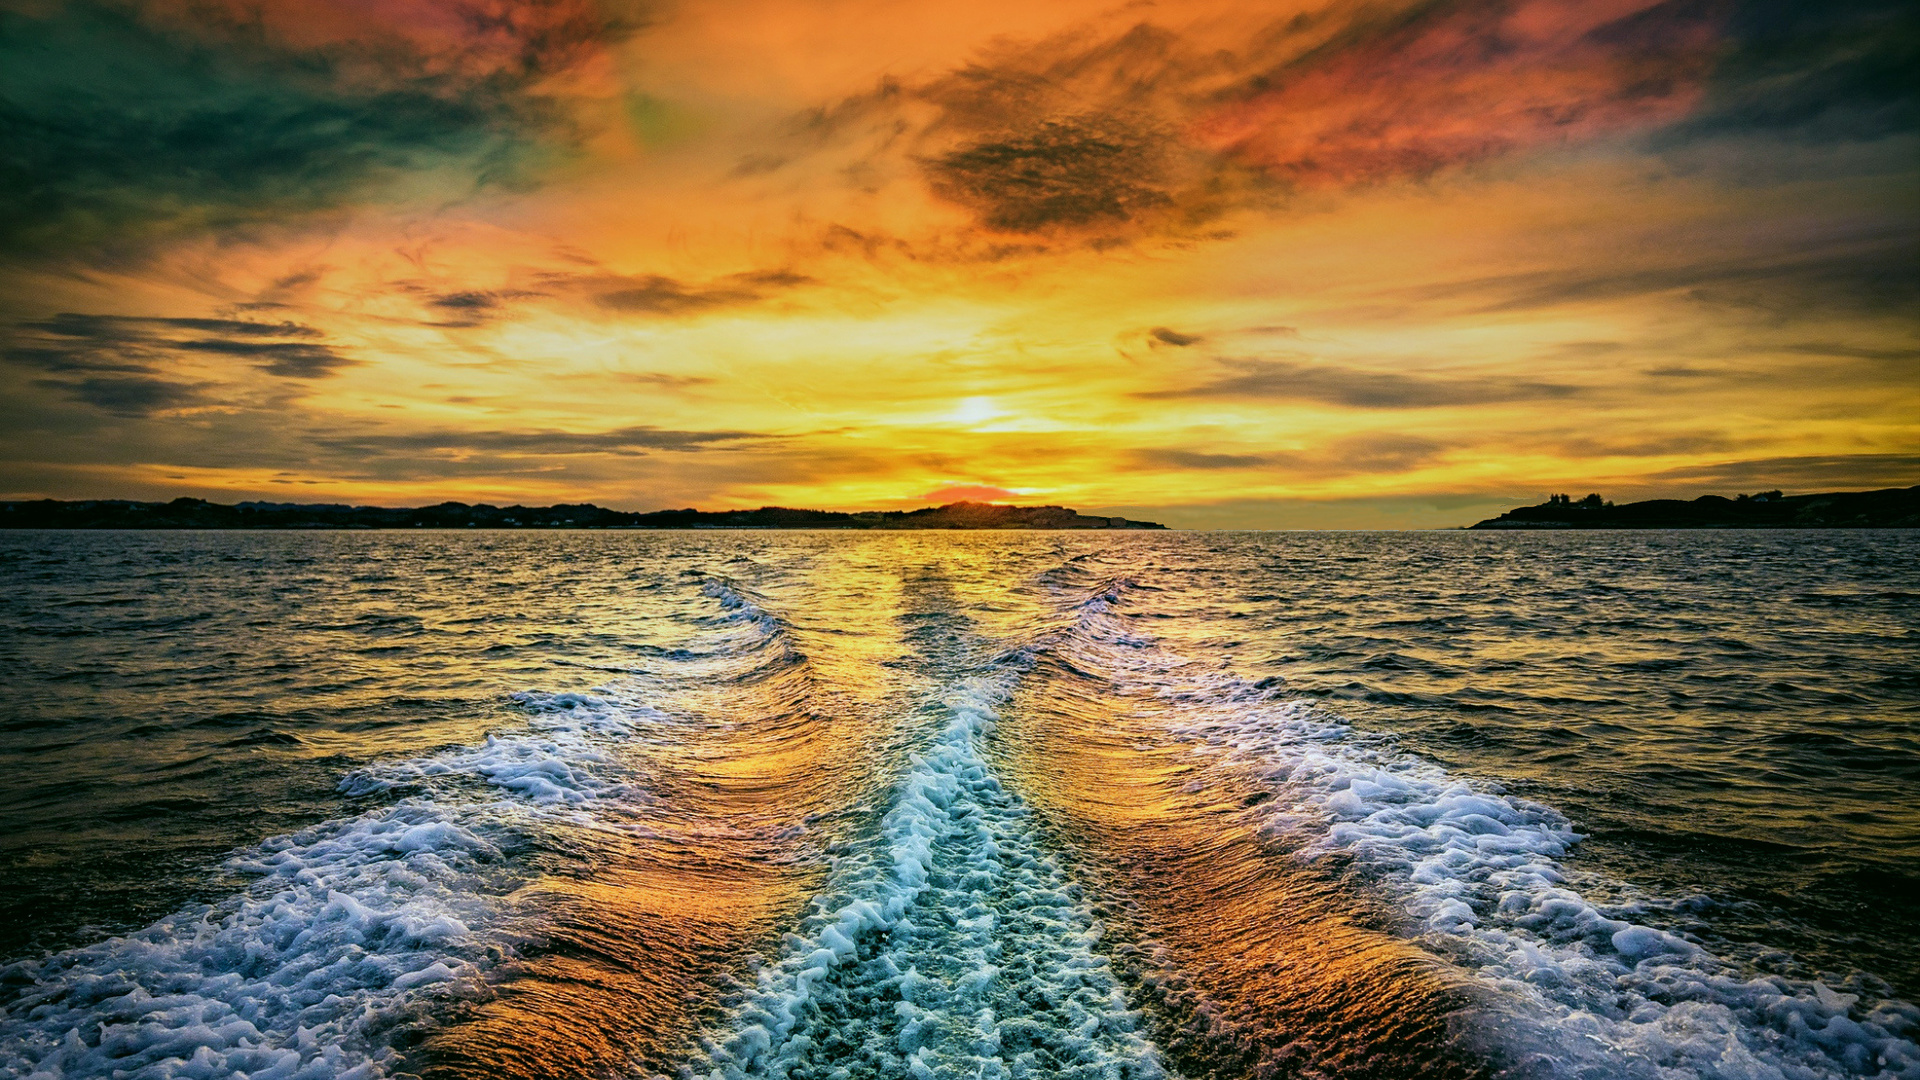 пейзаж, море, кильватерный след